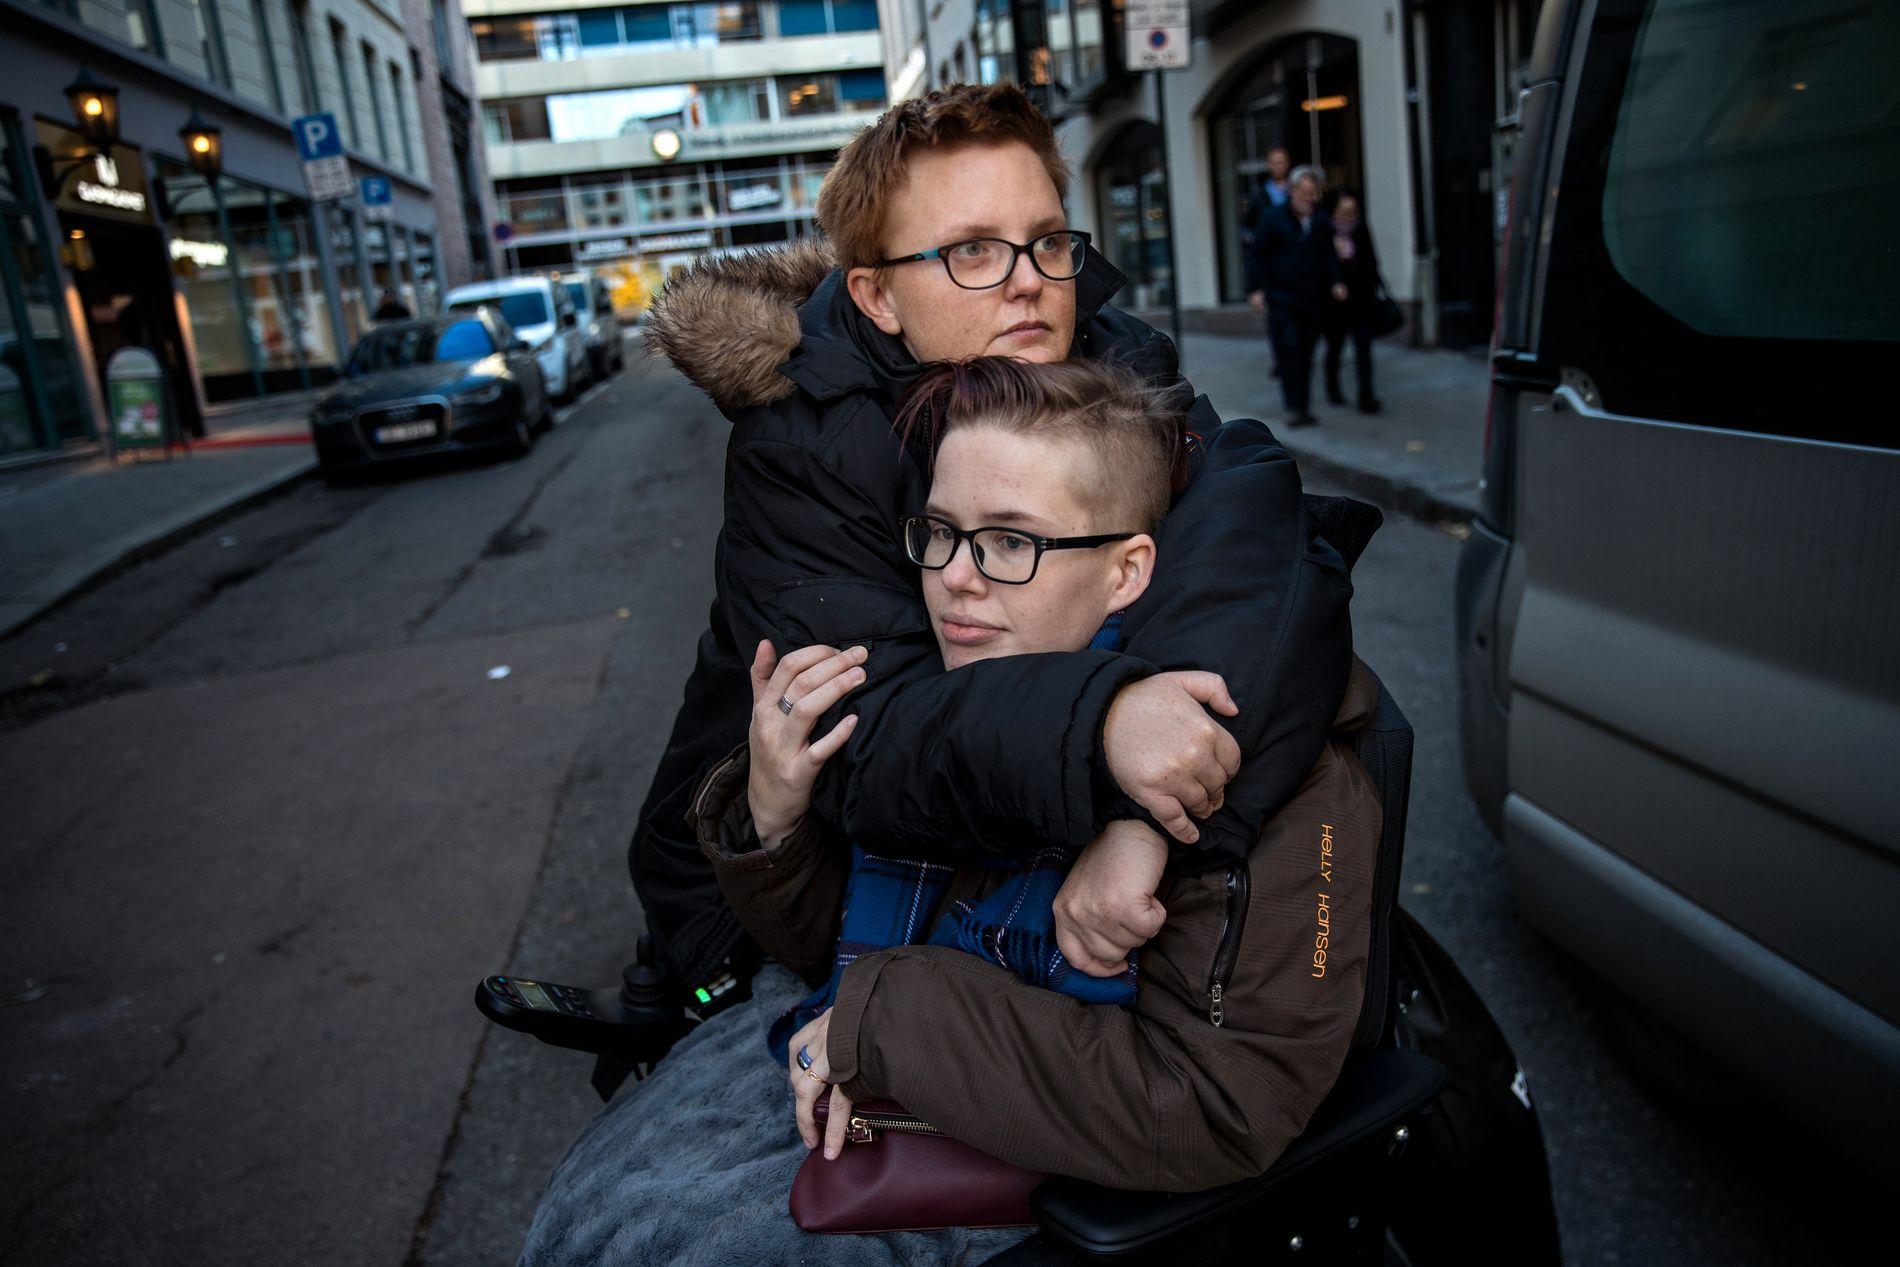 SAMMEN: Silje Husby har Cerebral Parese og sitter i rullestol. Hun har store smerter og ønsker en operasjon som hun ikke får i Norge, men som en utenlandsk kirurg tilbyr henne. Her sammen med kjæresten Elise Eikeland